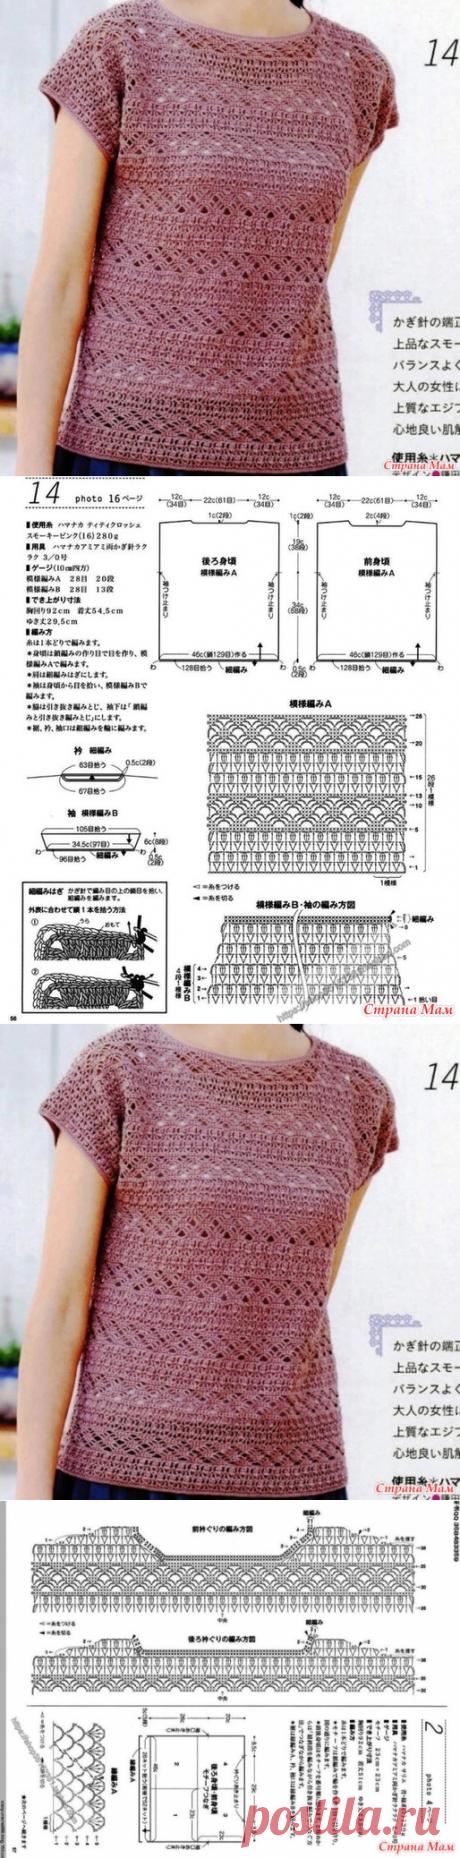 Розовый топ из японского журнала - Все в ажуре... (вязание крючком) - Страна Мам